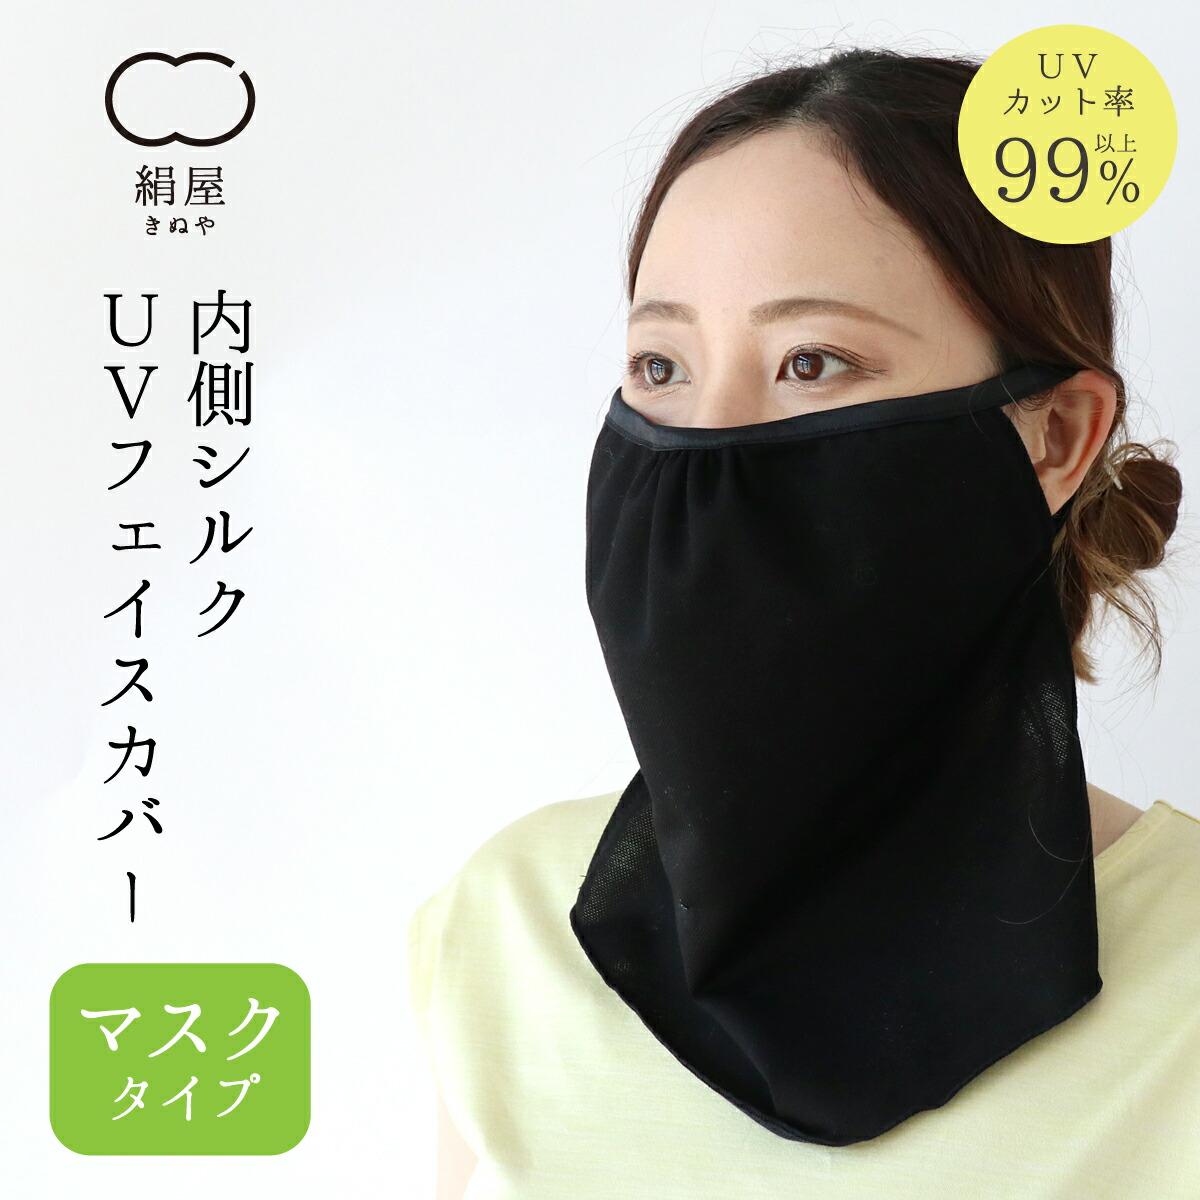 UV フェイスカバー マスクタイプ